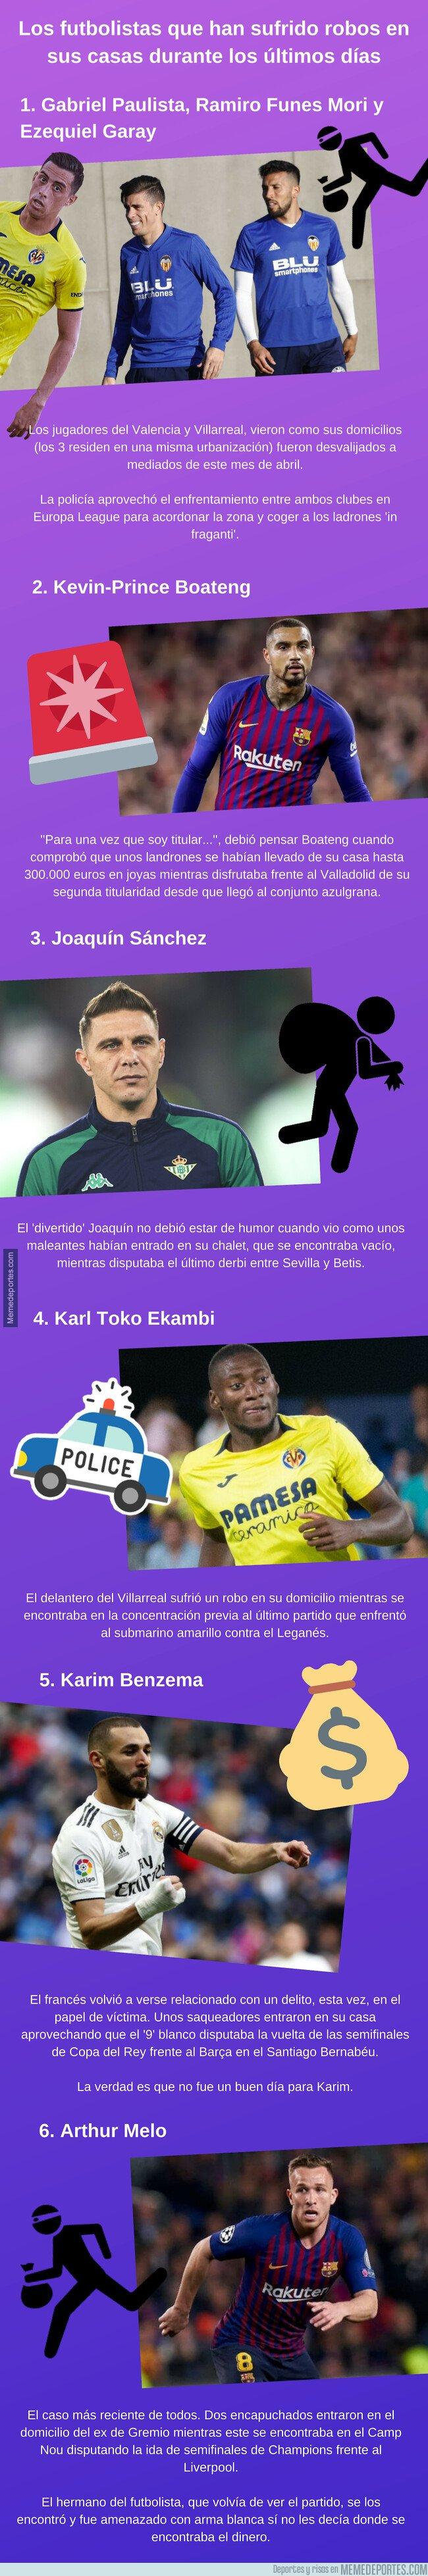 1073436 - Los futbolistas que han sufrido robos en sus casas en los últimos días